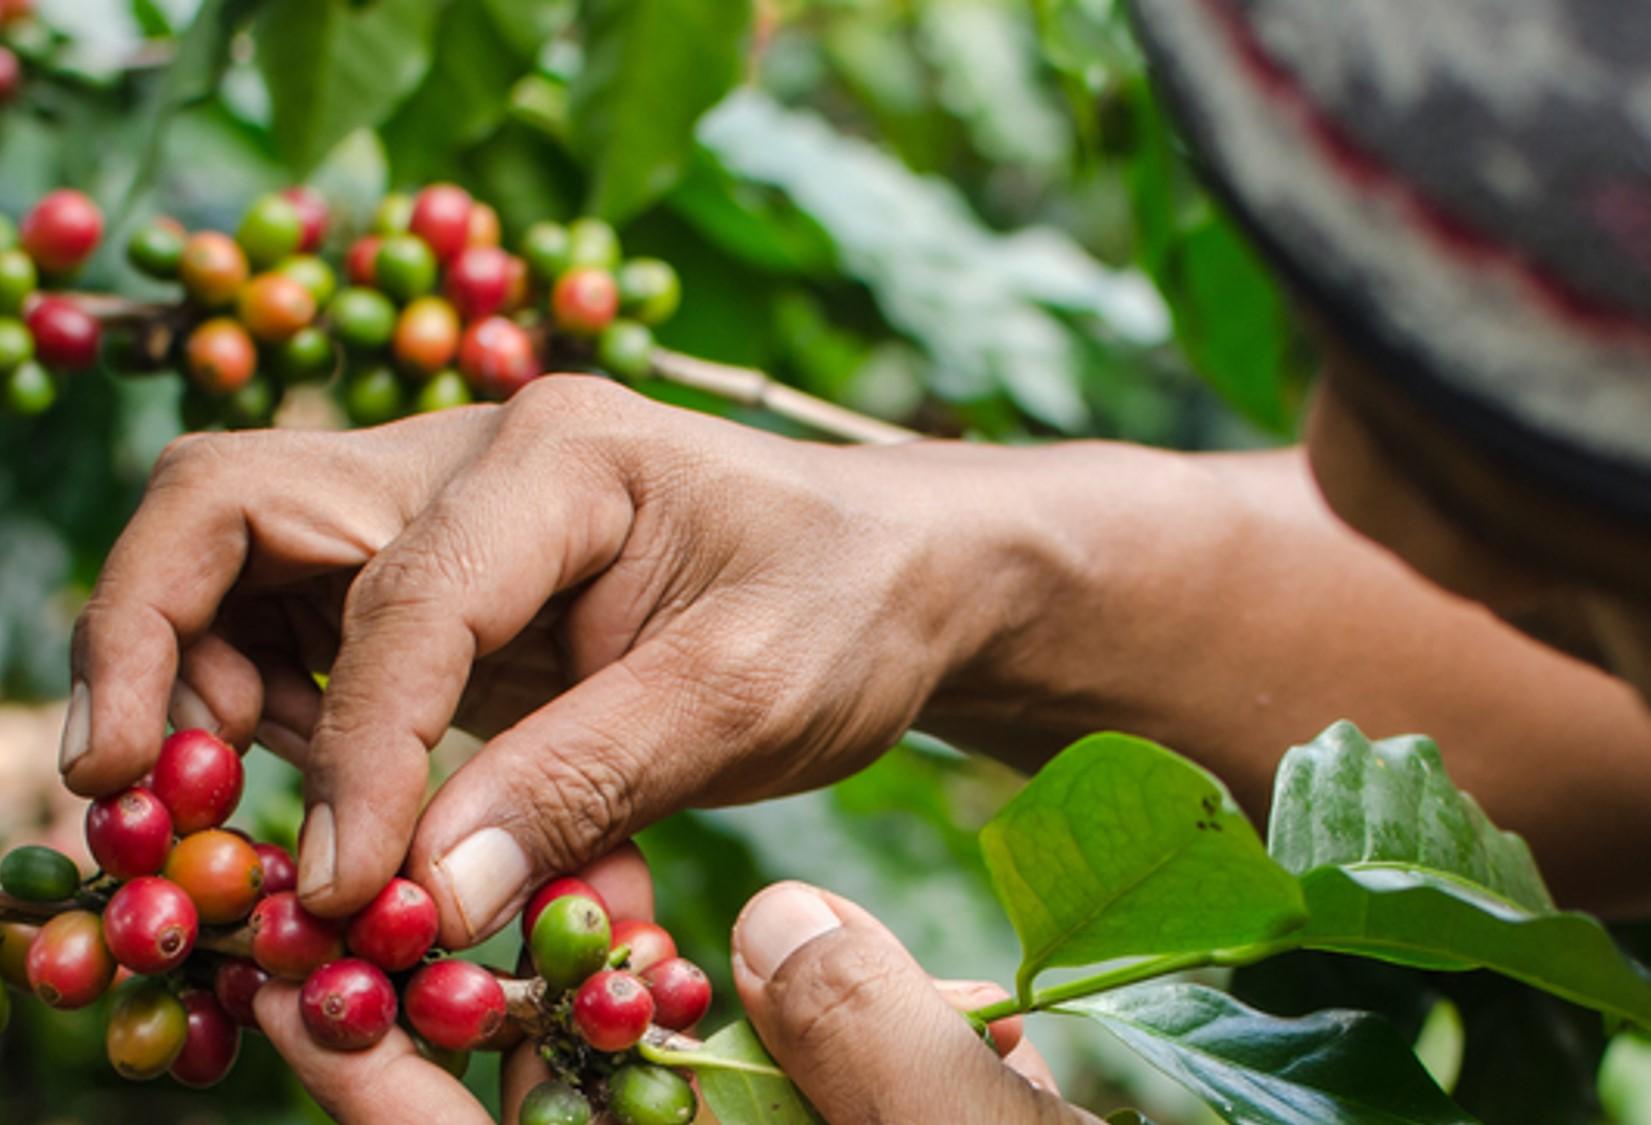 Coffee cherry trees in Ethiopia.